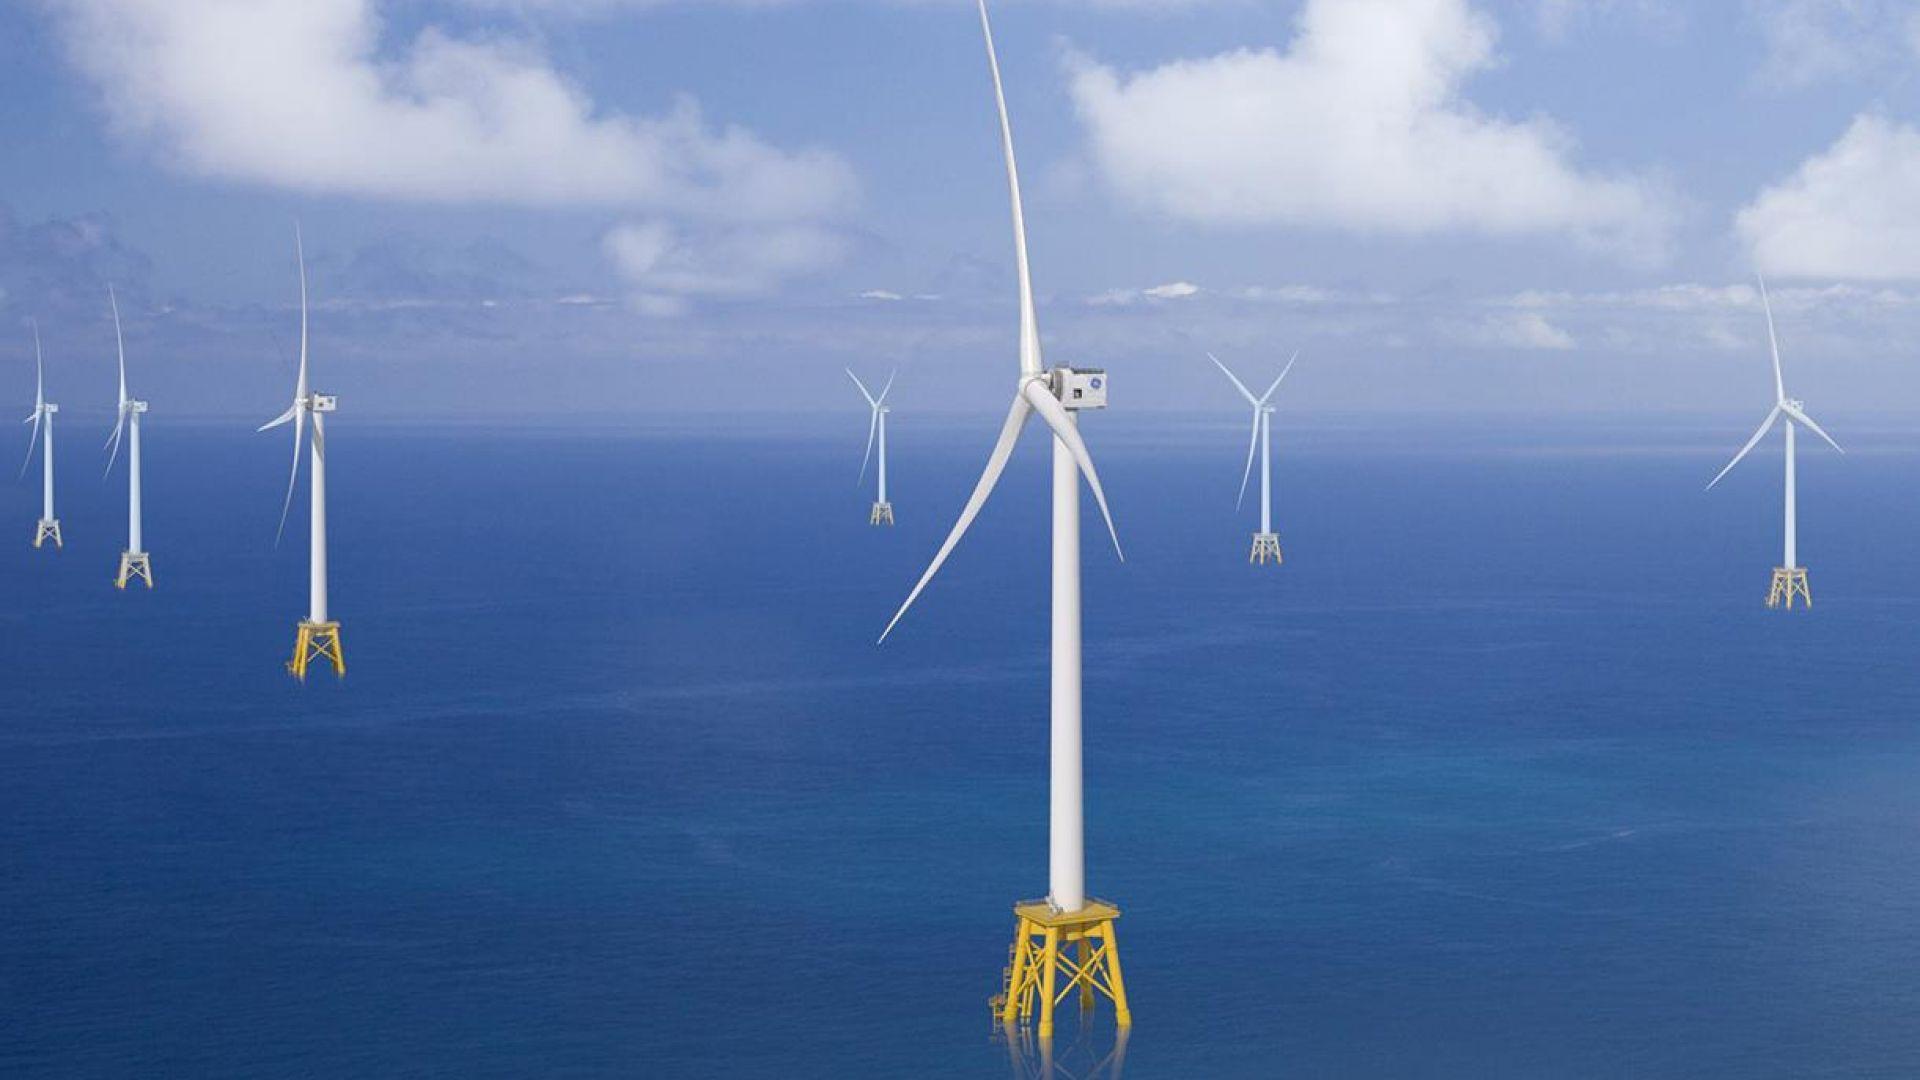 САЩ внедряват най-голямата вятърна турбина